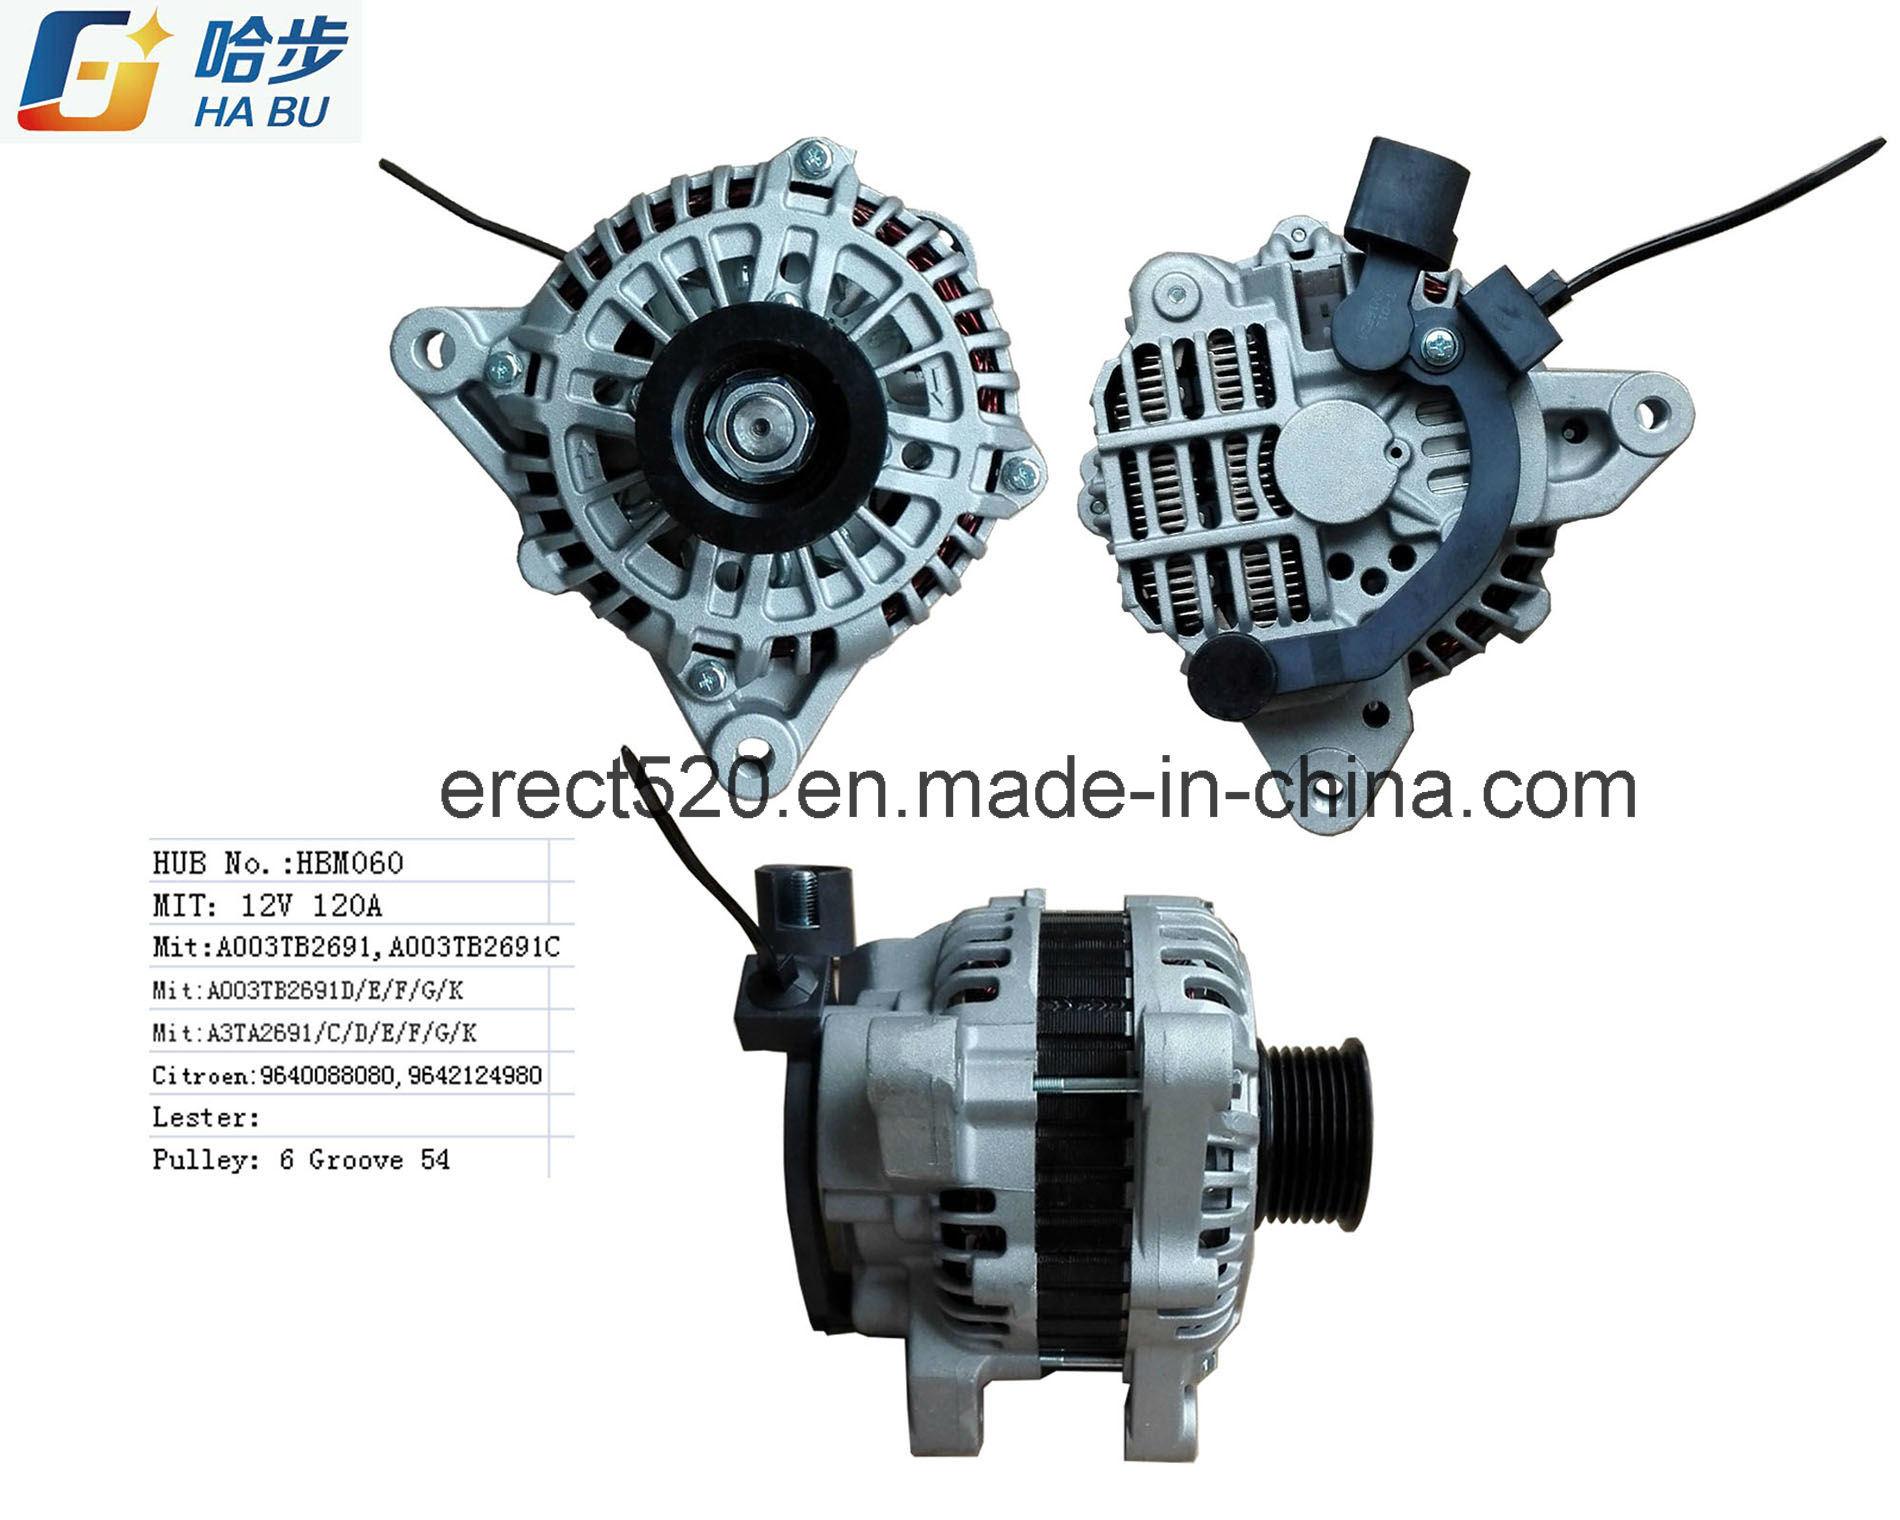 *12V 120A* Car Alternator for Citroen, Peugeot, A003tb2691c, A003tb2691d, A003tb2691e